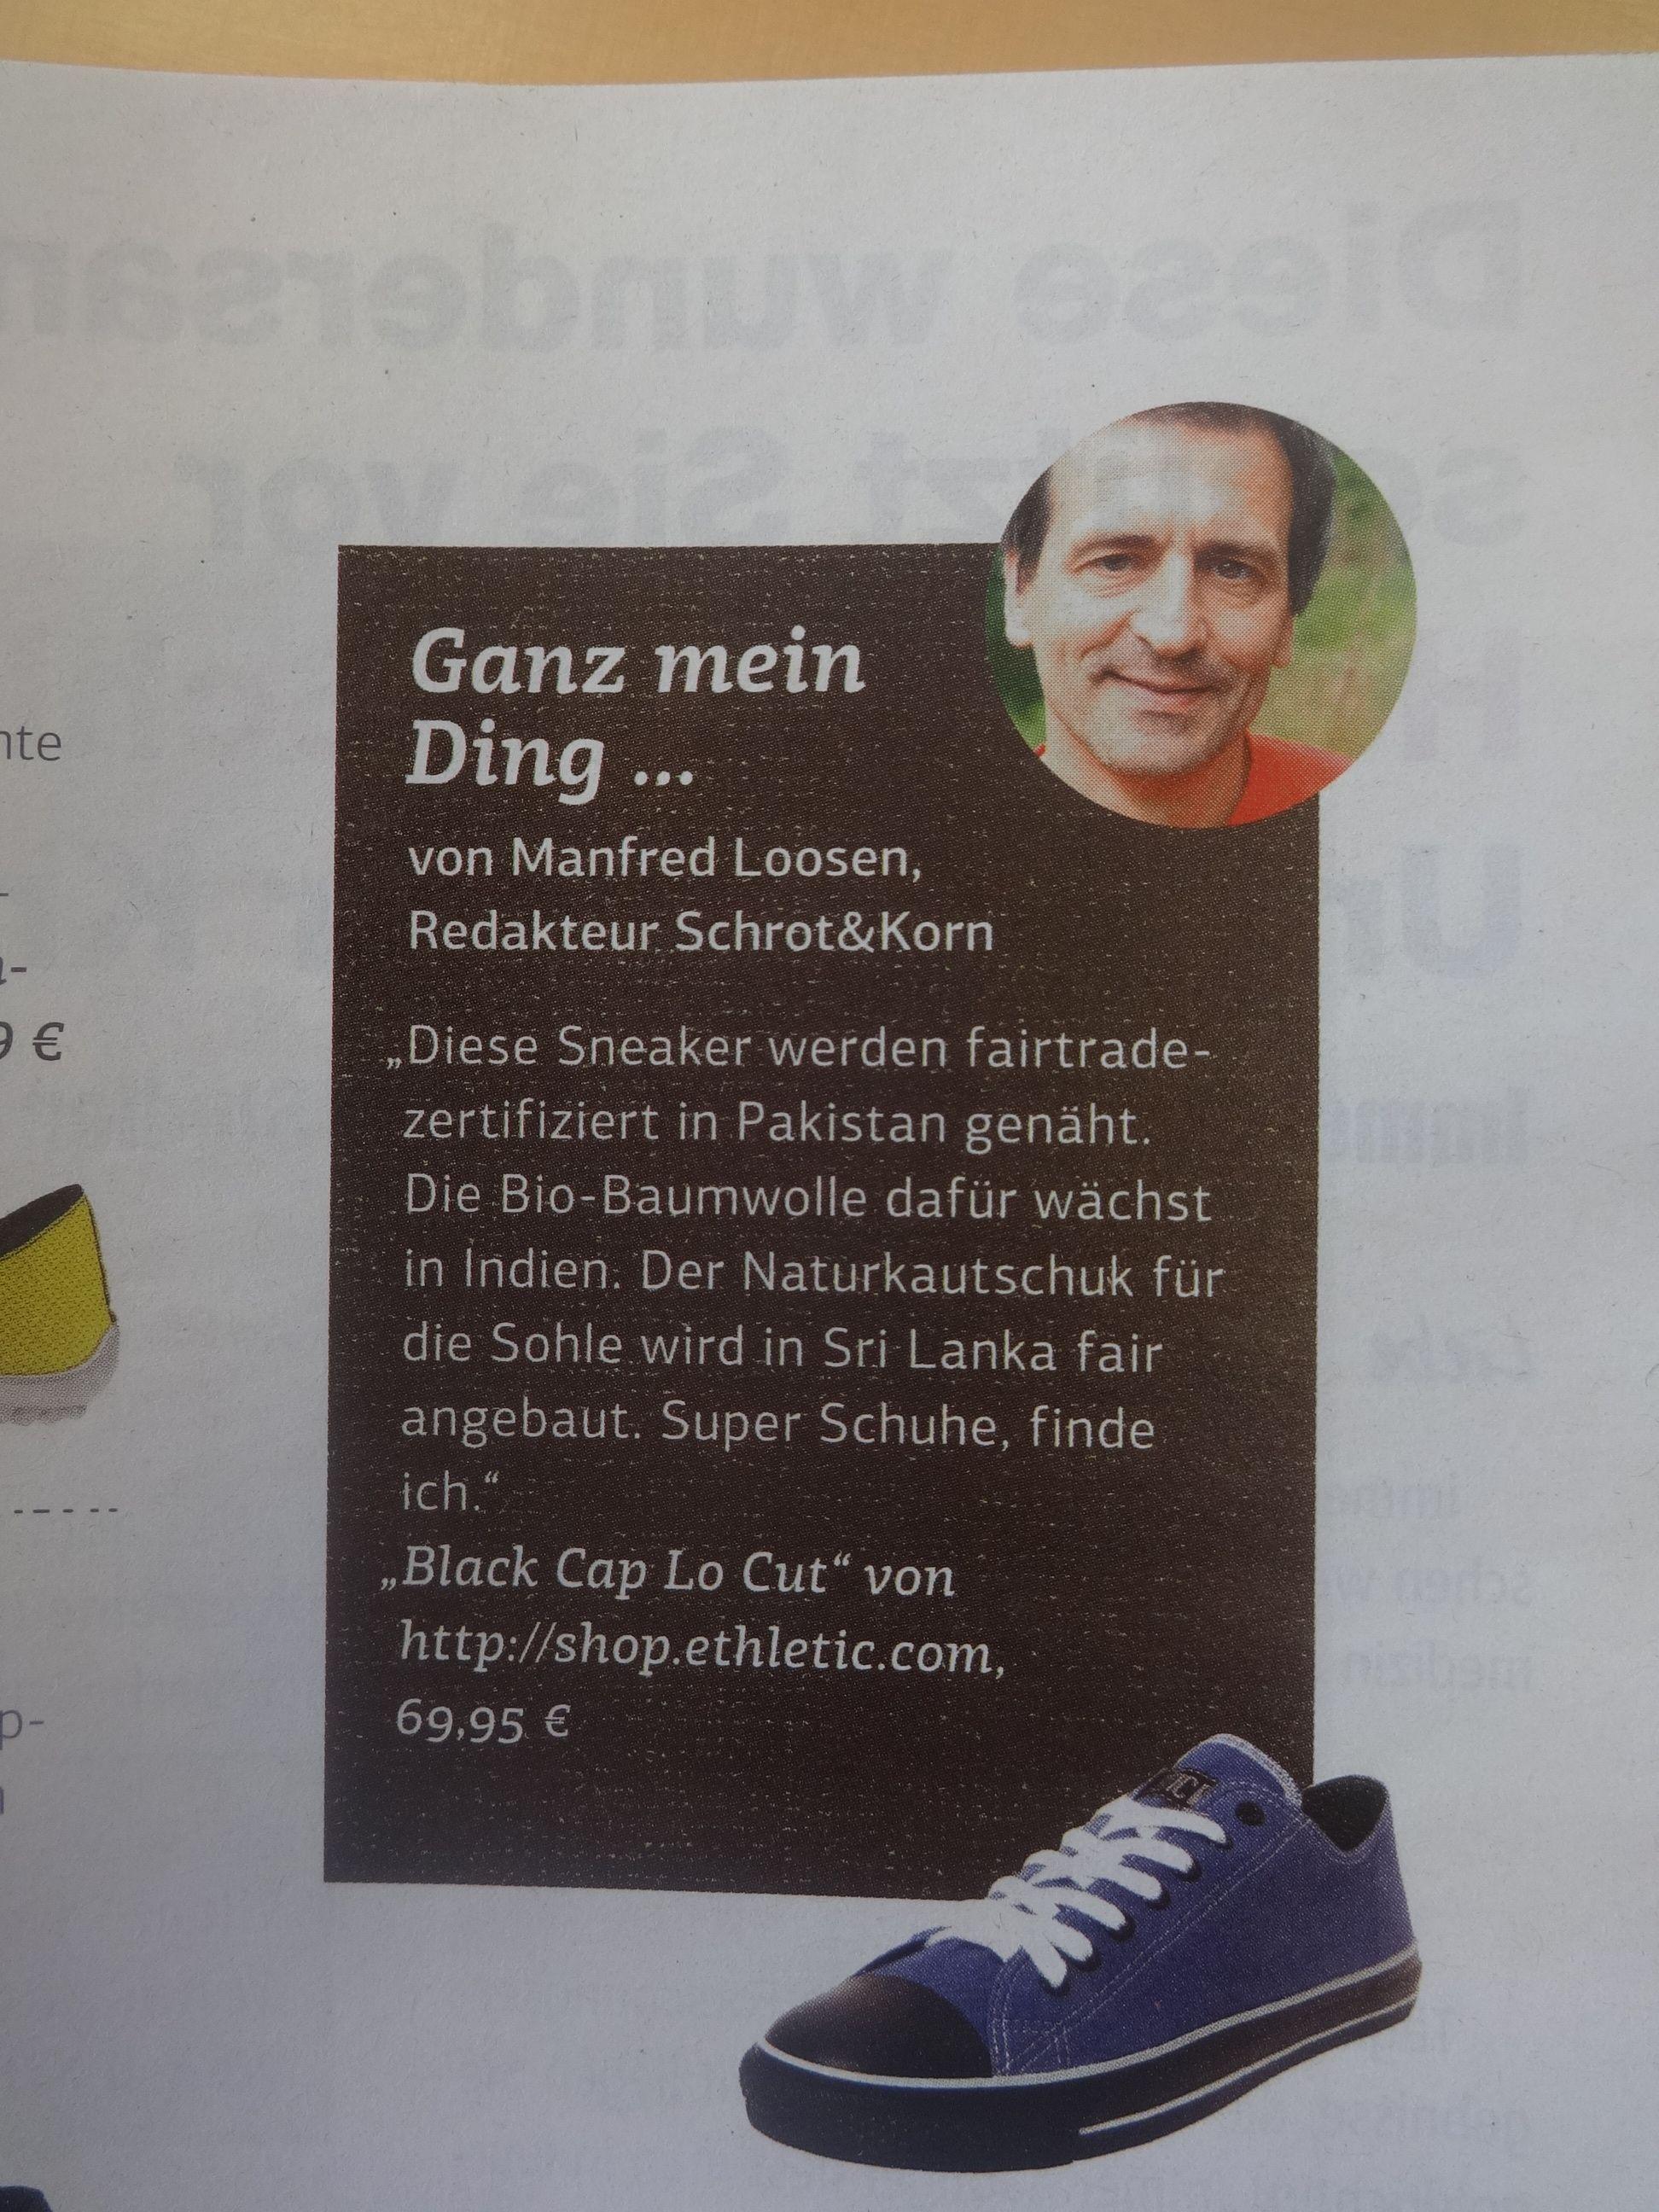 Ethletic Black Cap featured in German eco magazine